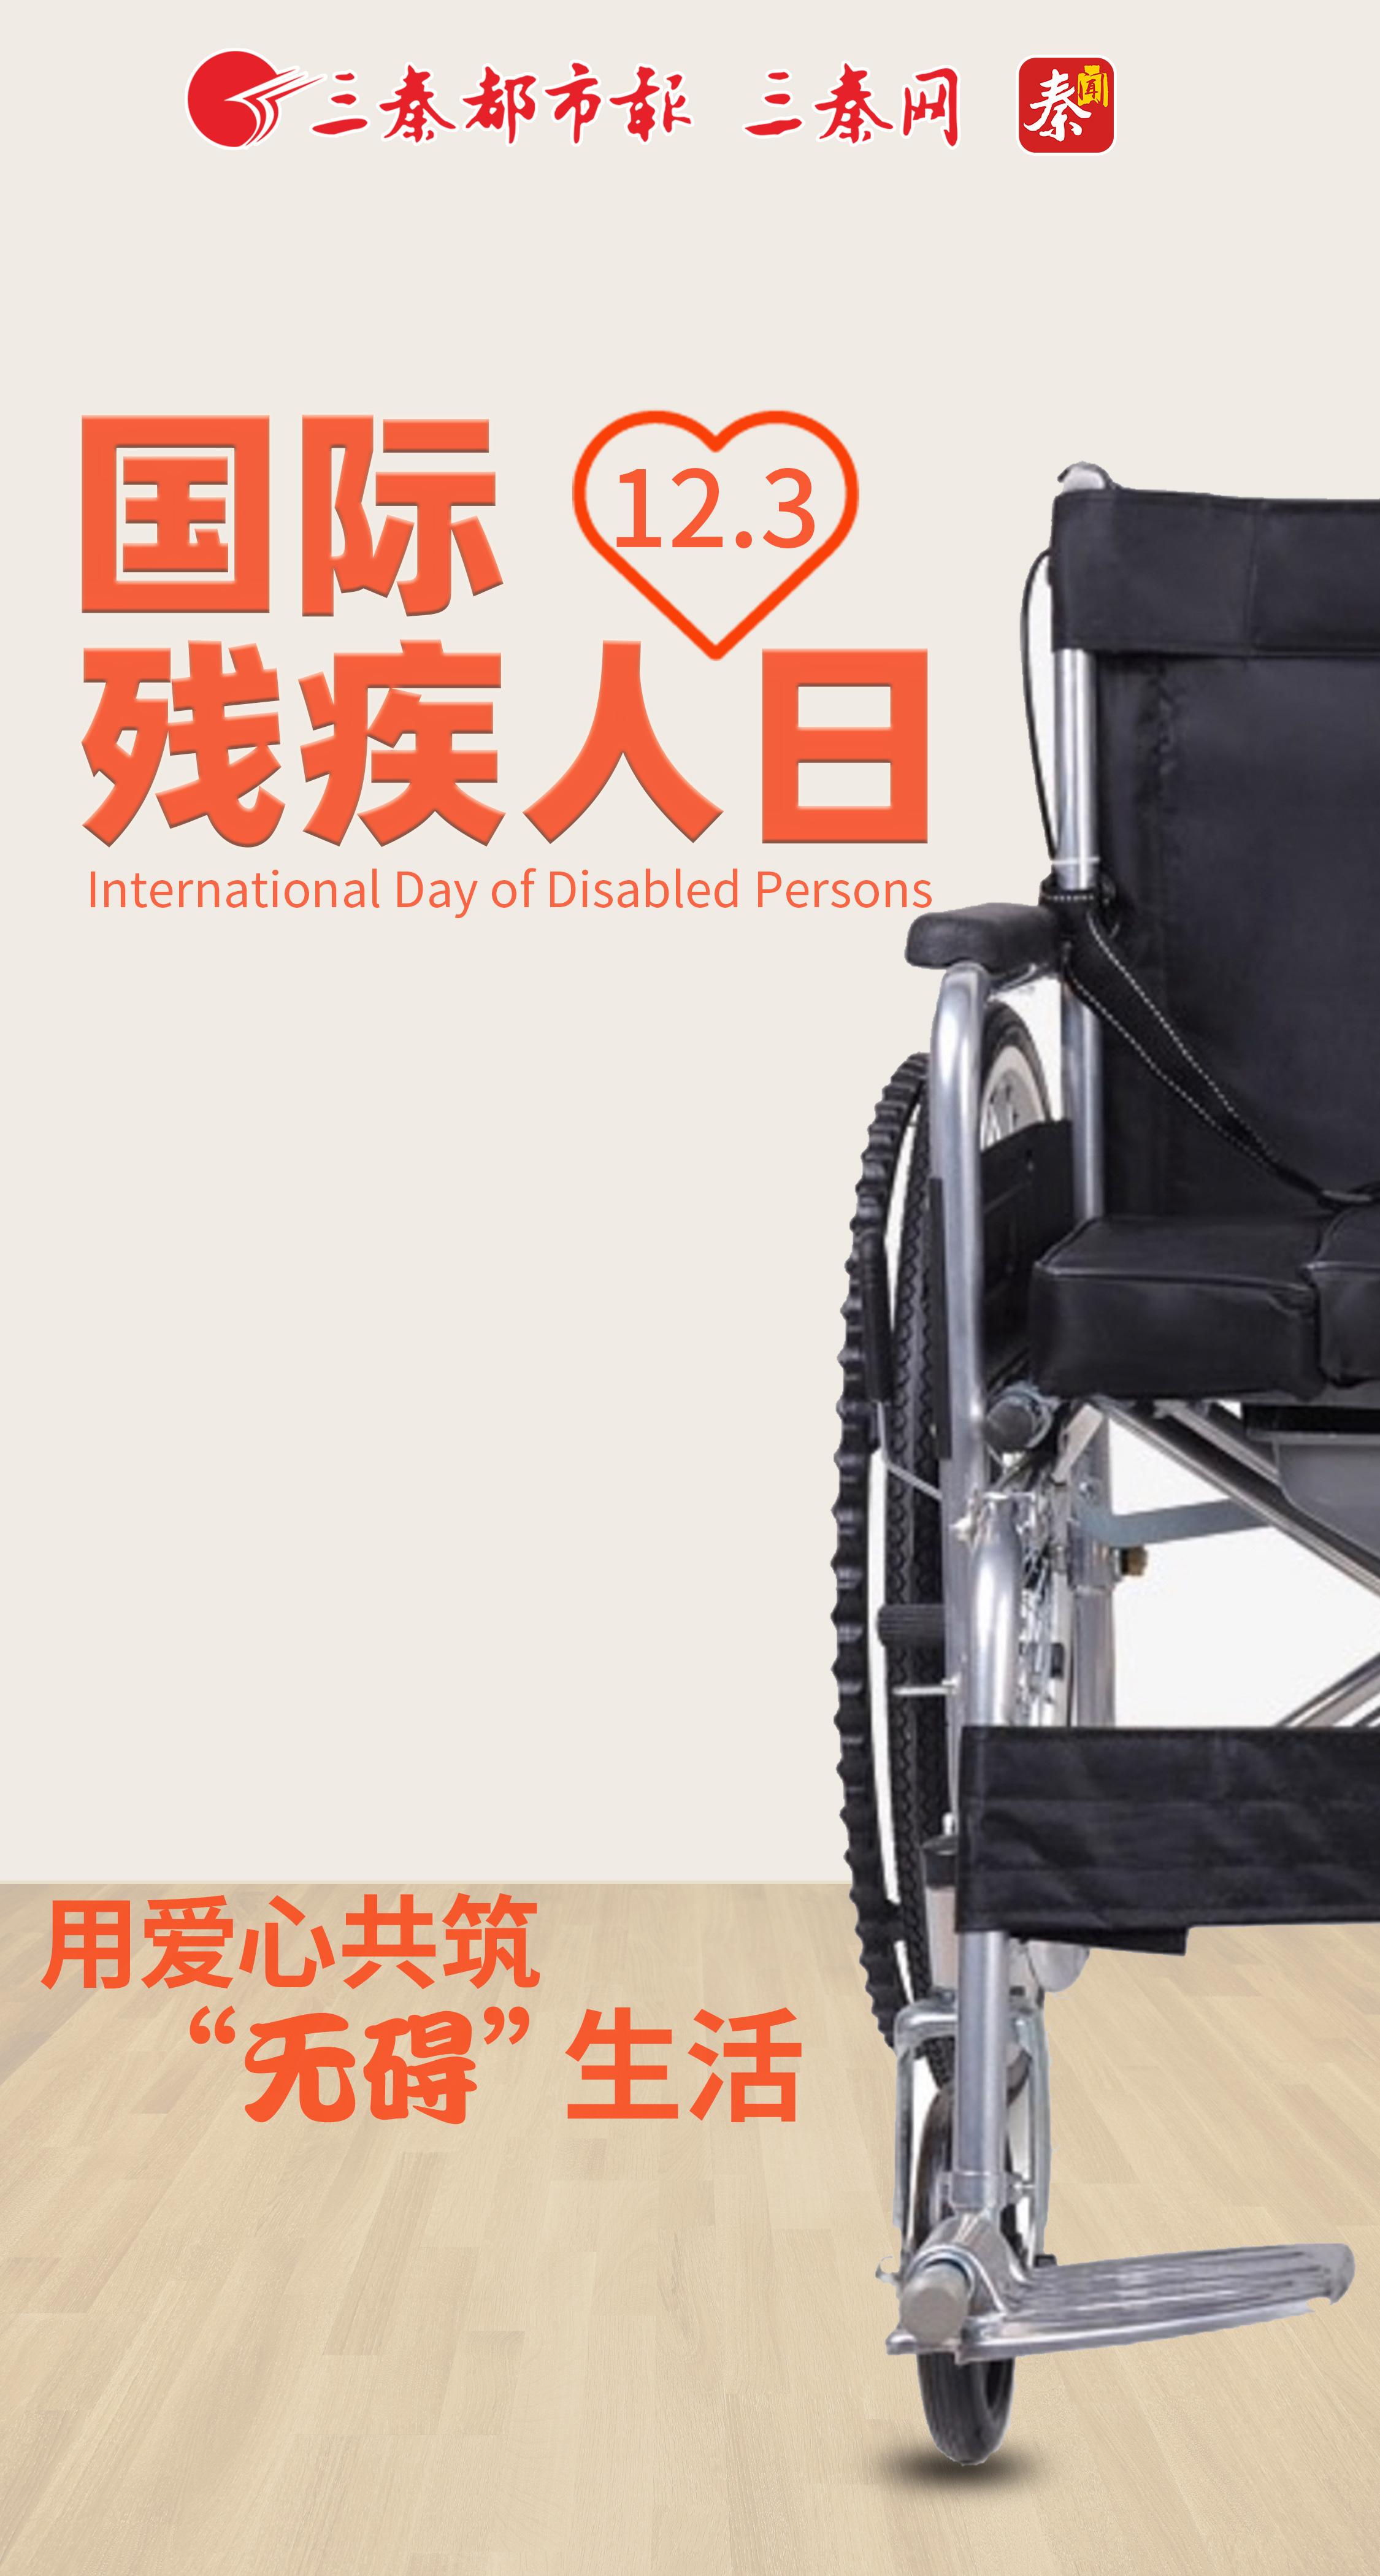 国际残疾人日